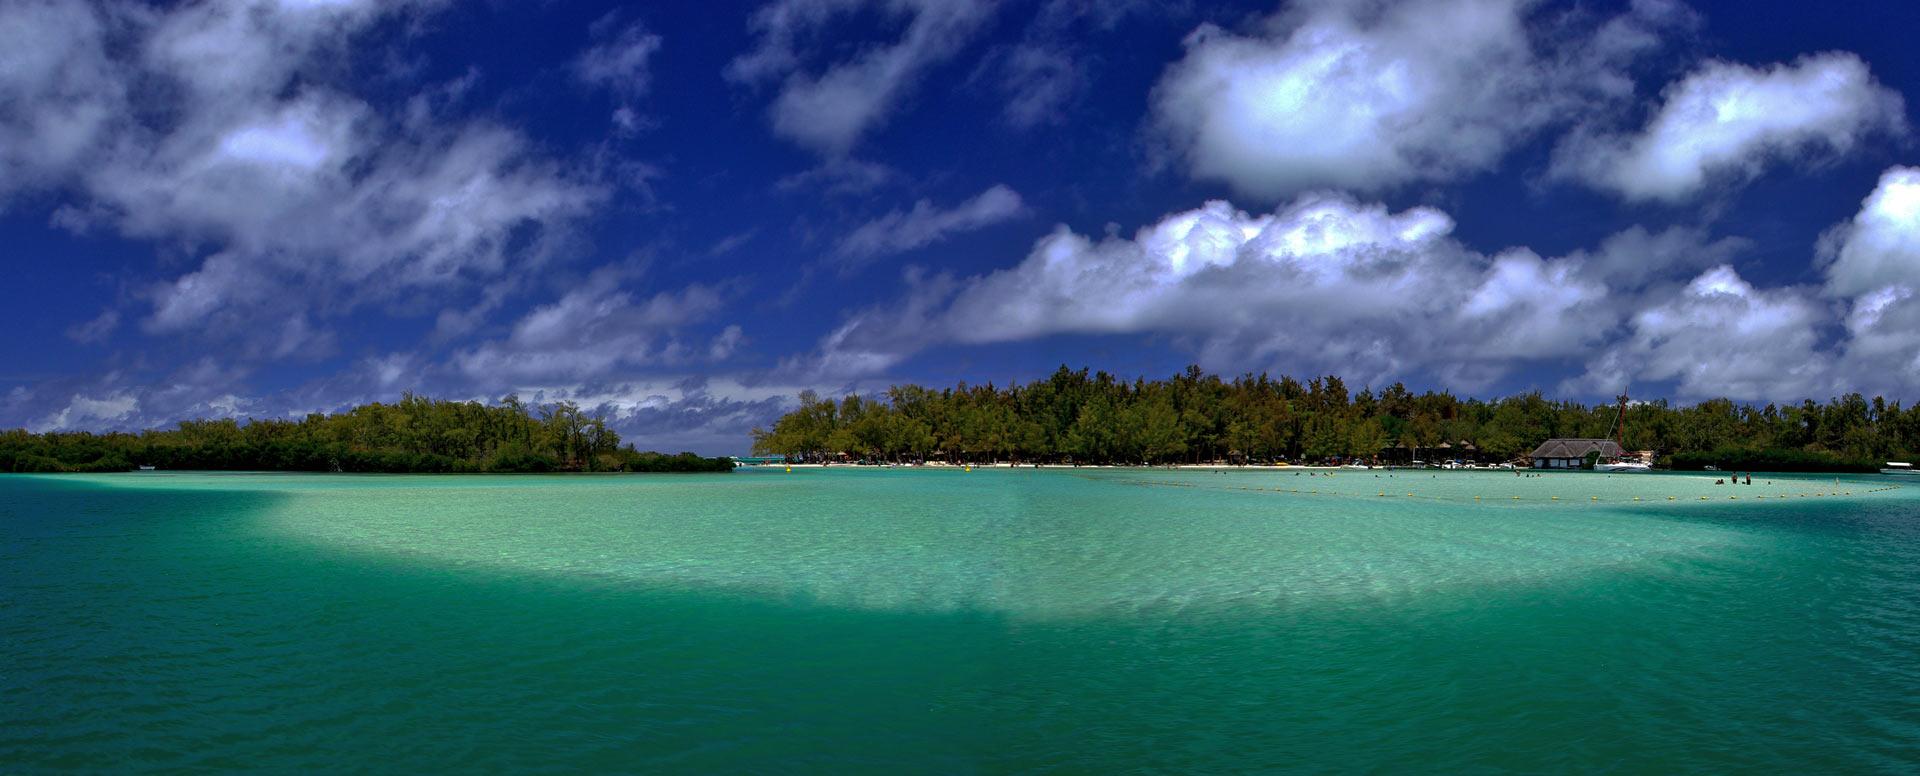 Découvrir l'Ile aux Cerfs - Île Maurice